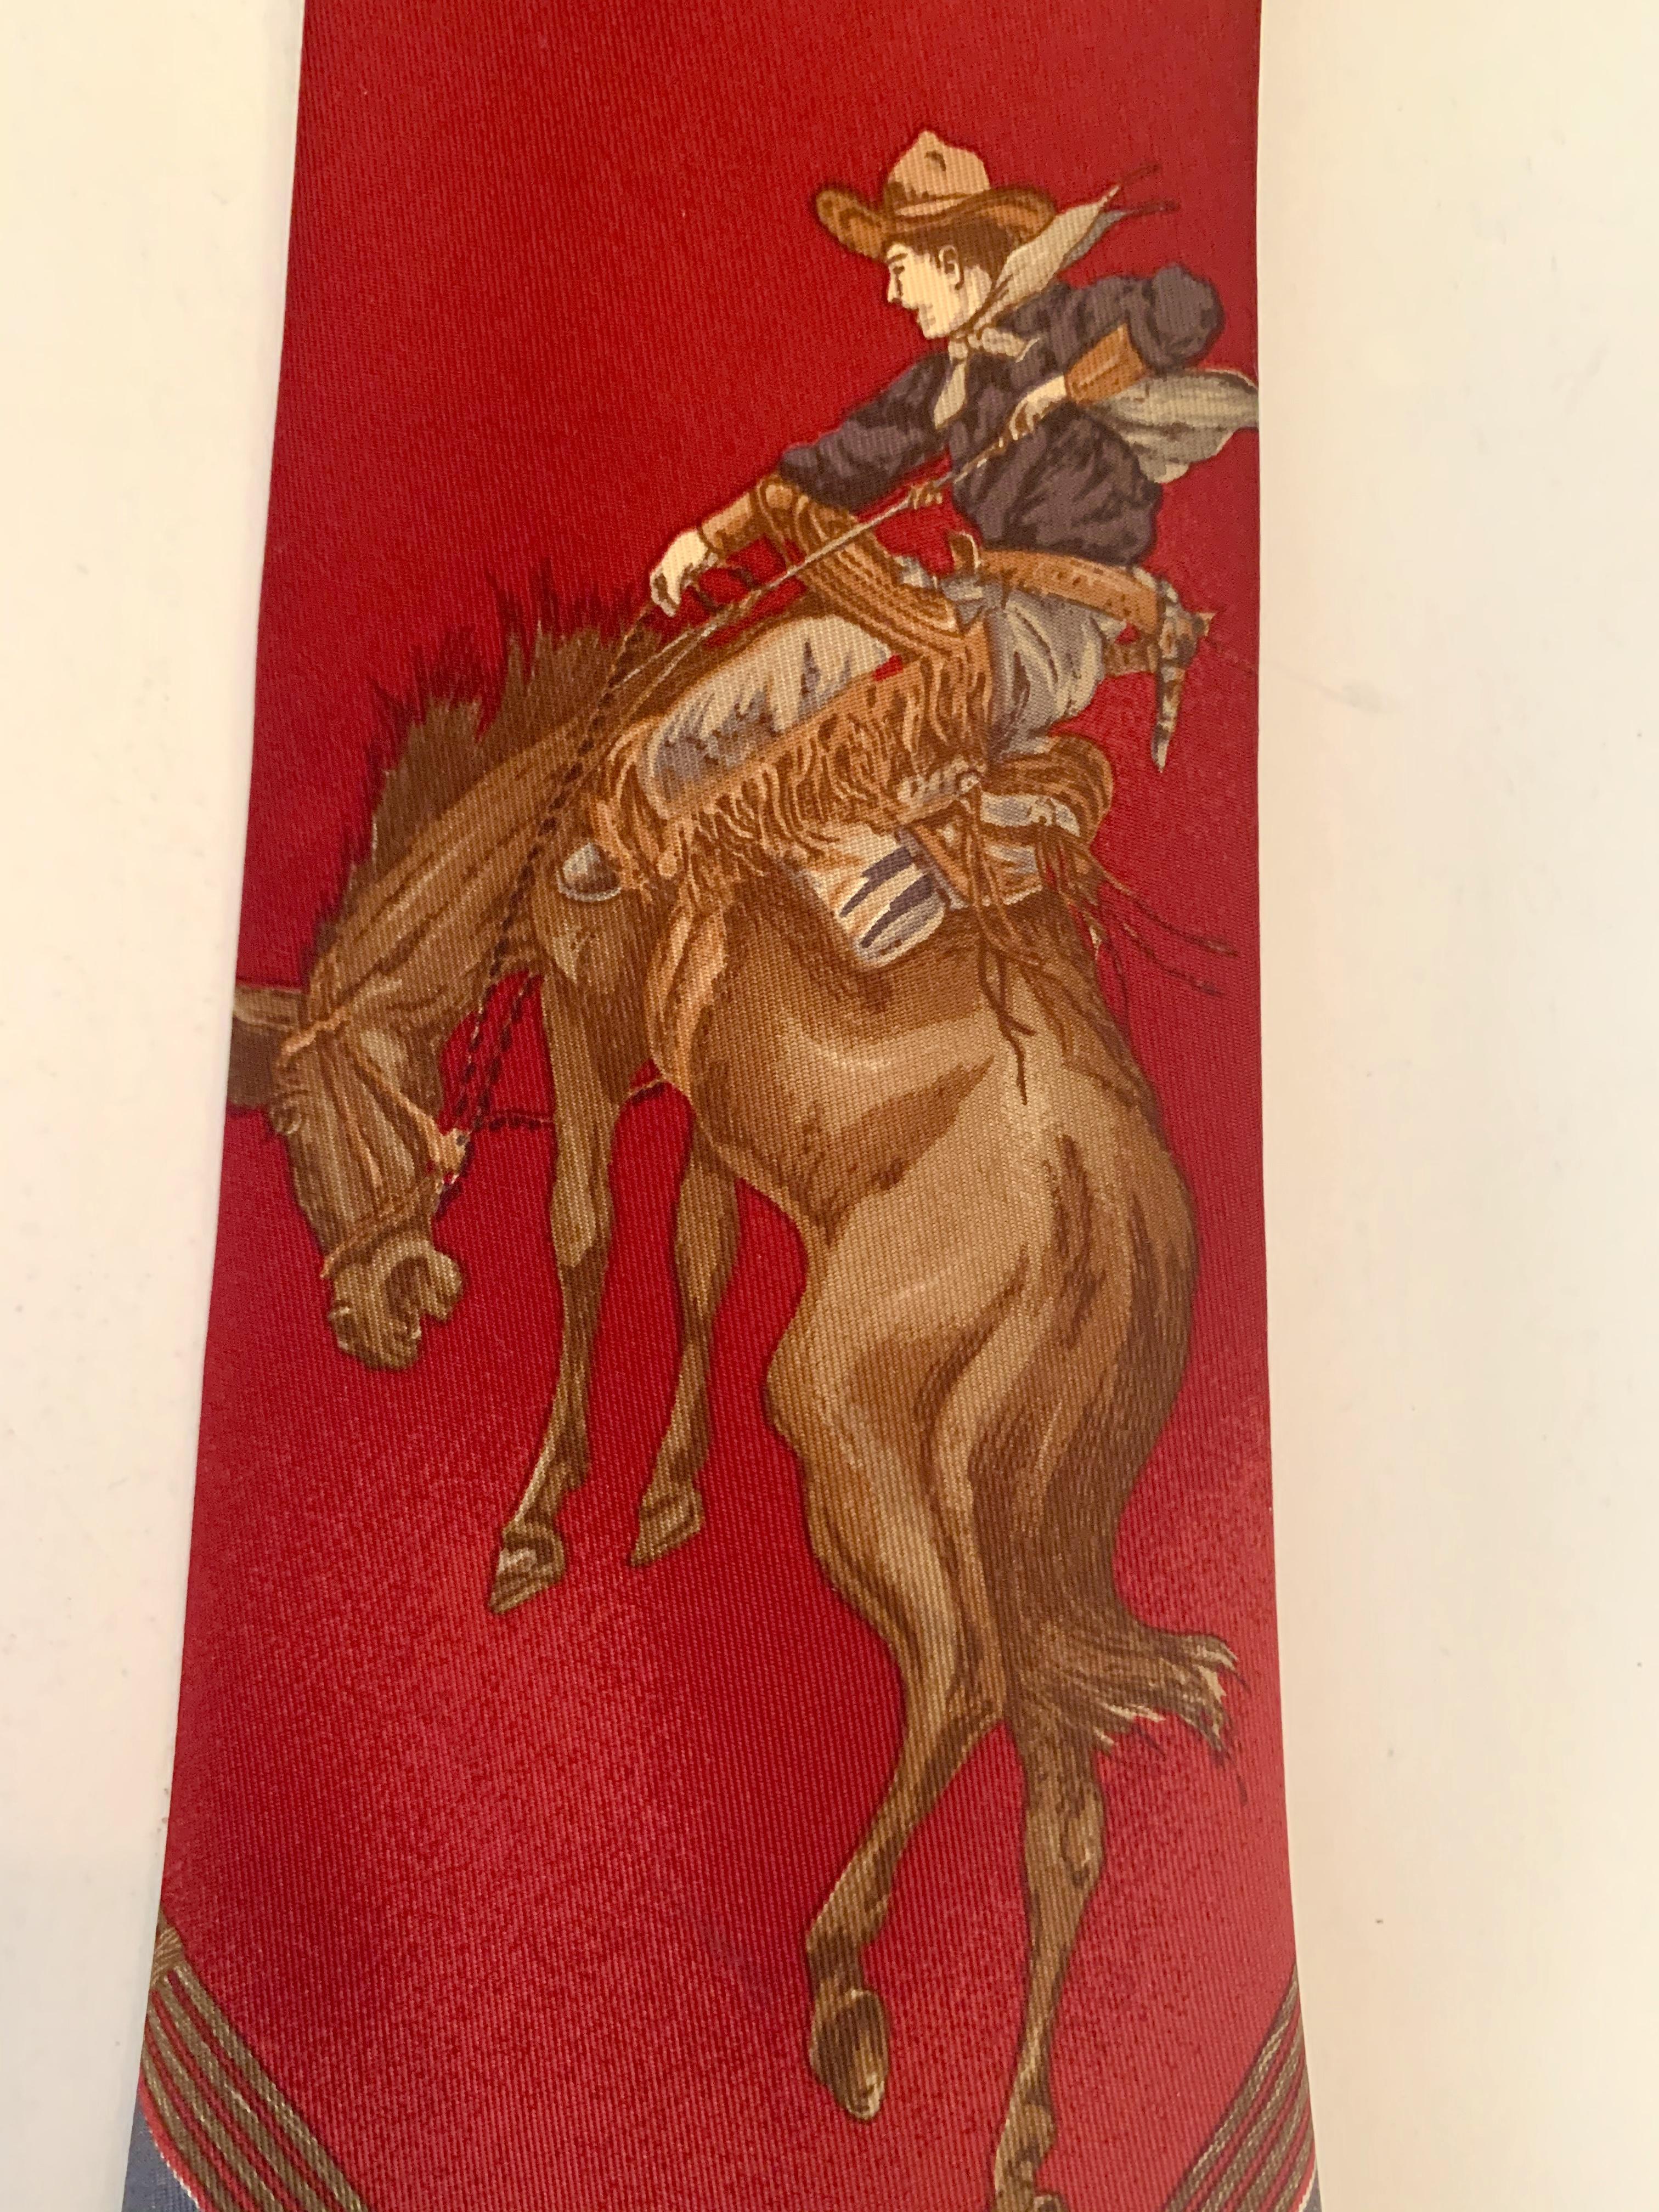 Bronc Buster on Vintage Ralph Lauren Tie